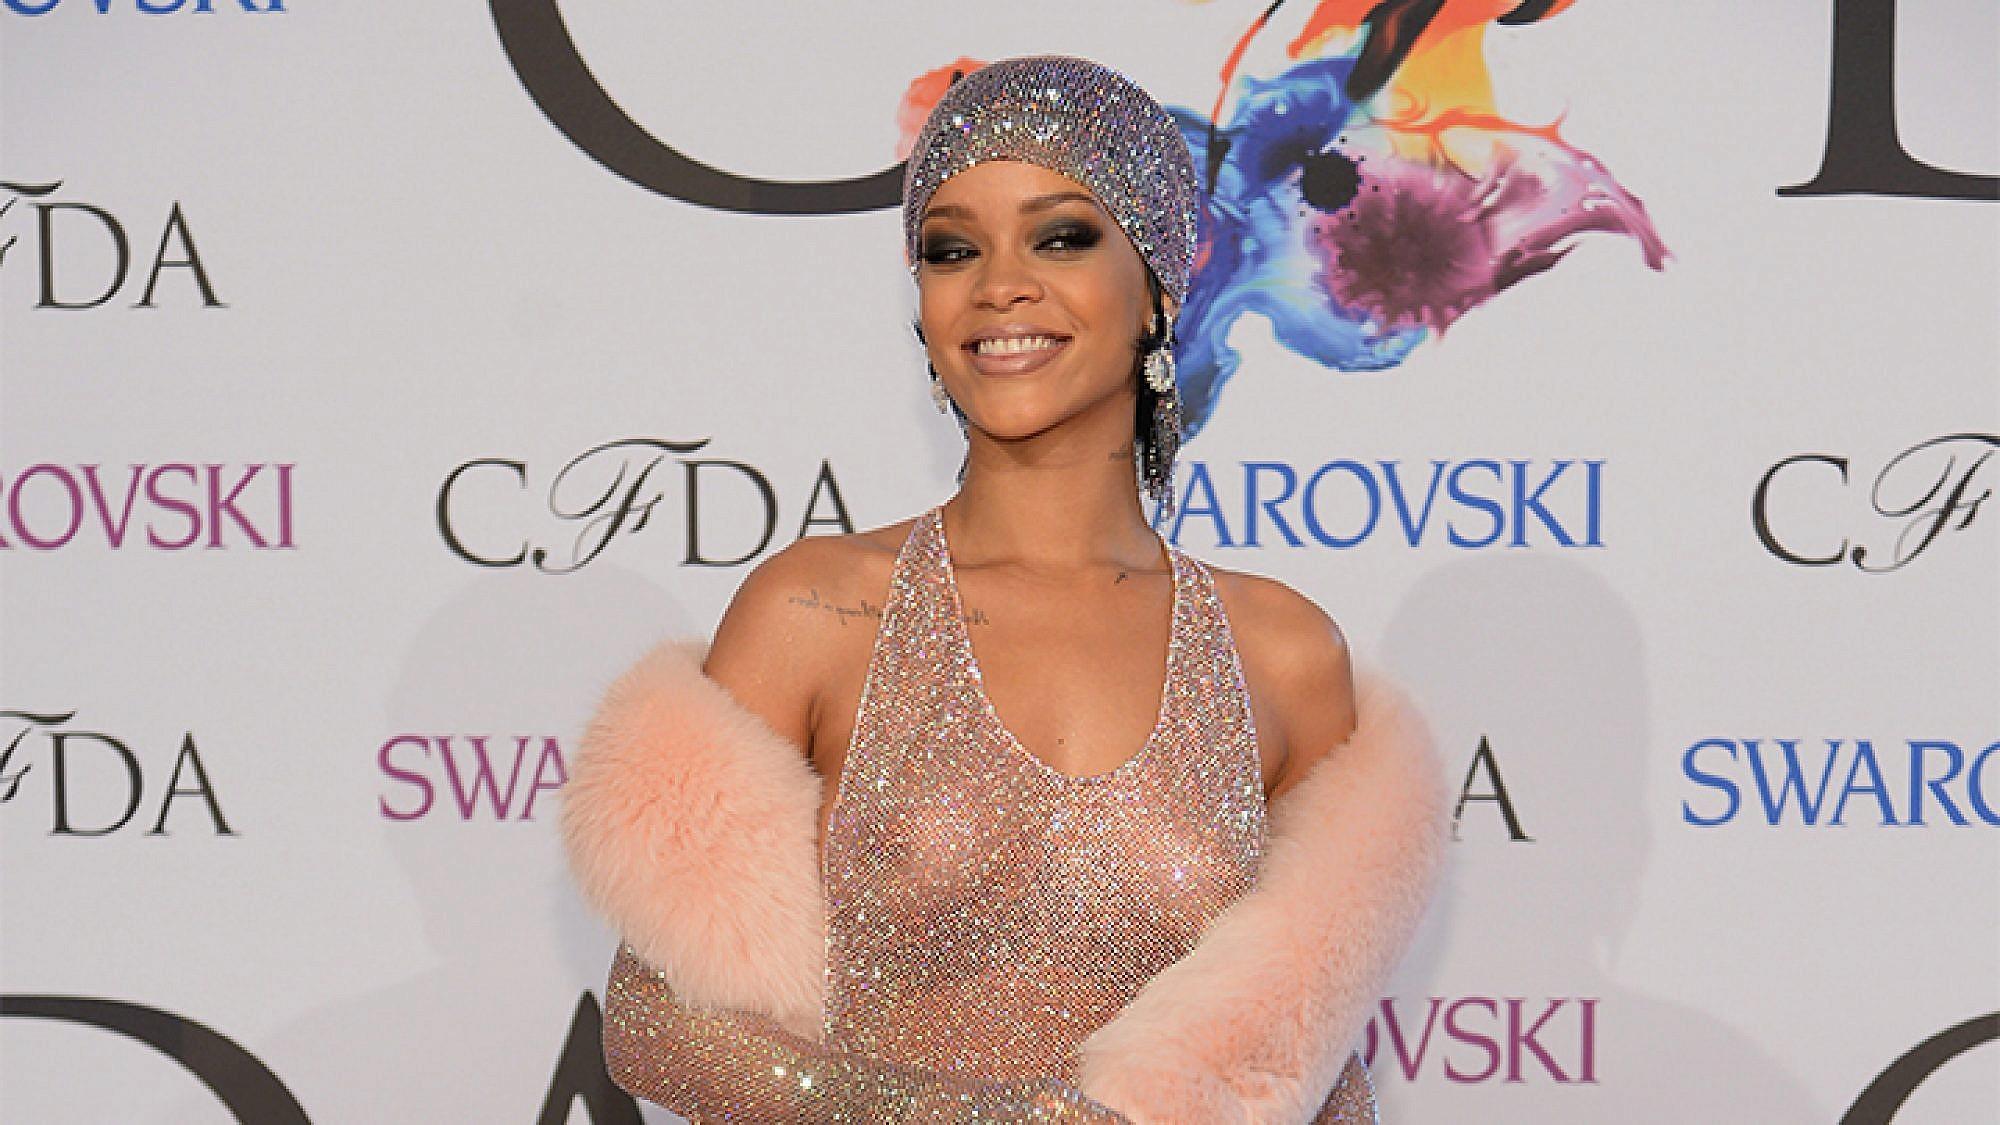 ריהאנה לובשת אדם סלמן בטקס פרסי האופנה בניו יורק 2014 | צילום: getty images